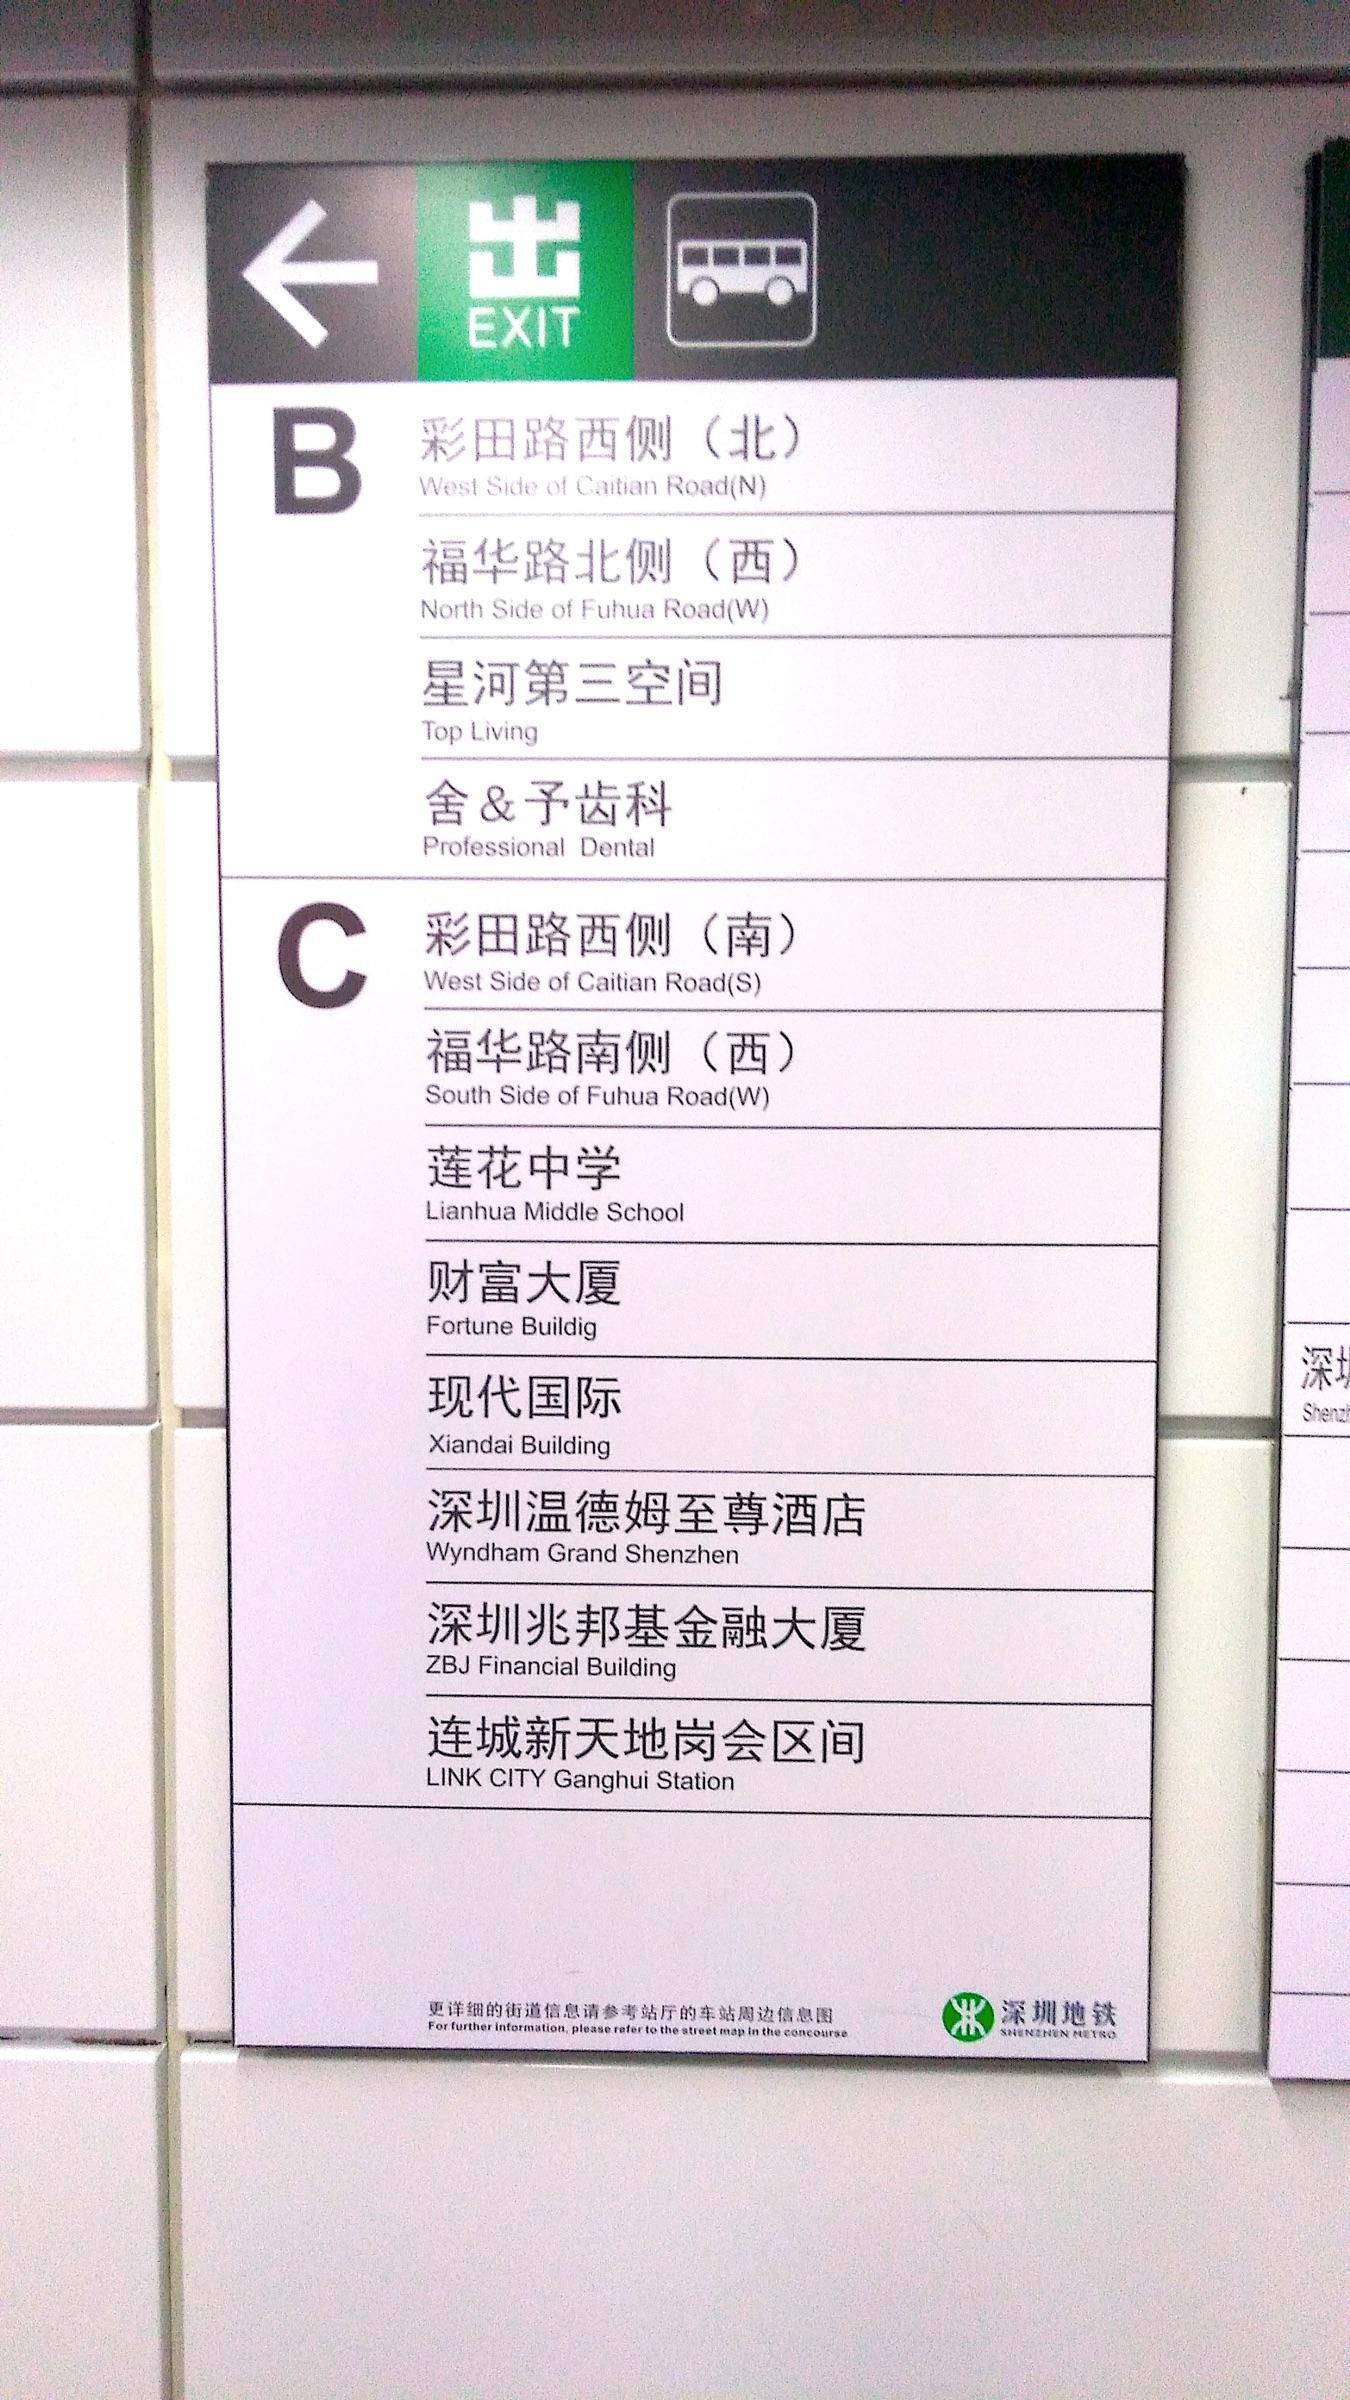 中国 深セン地下鉄1号線 羅宝線 崗廈駅の出口案内2_[0]